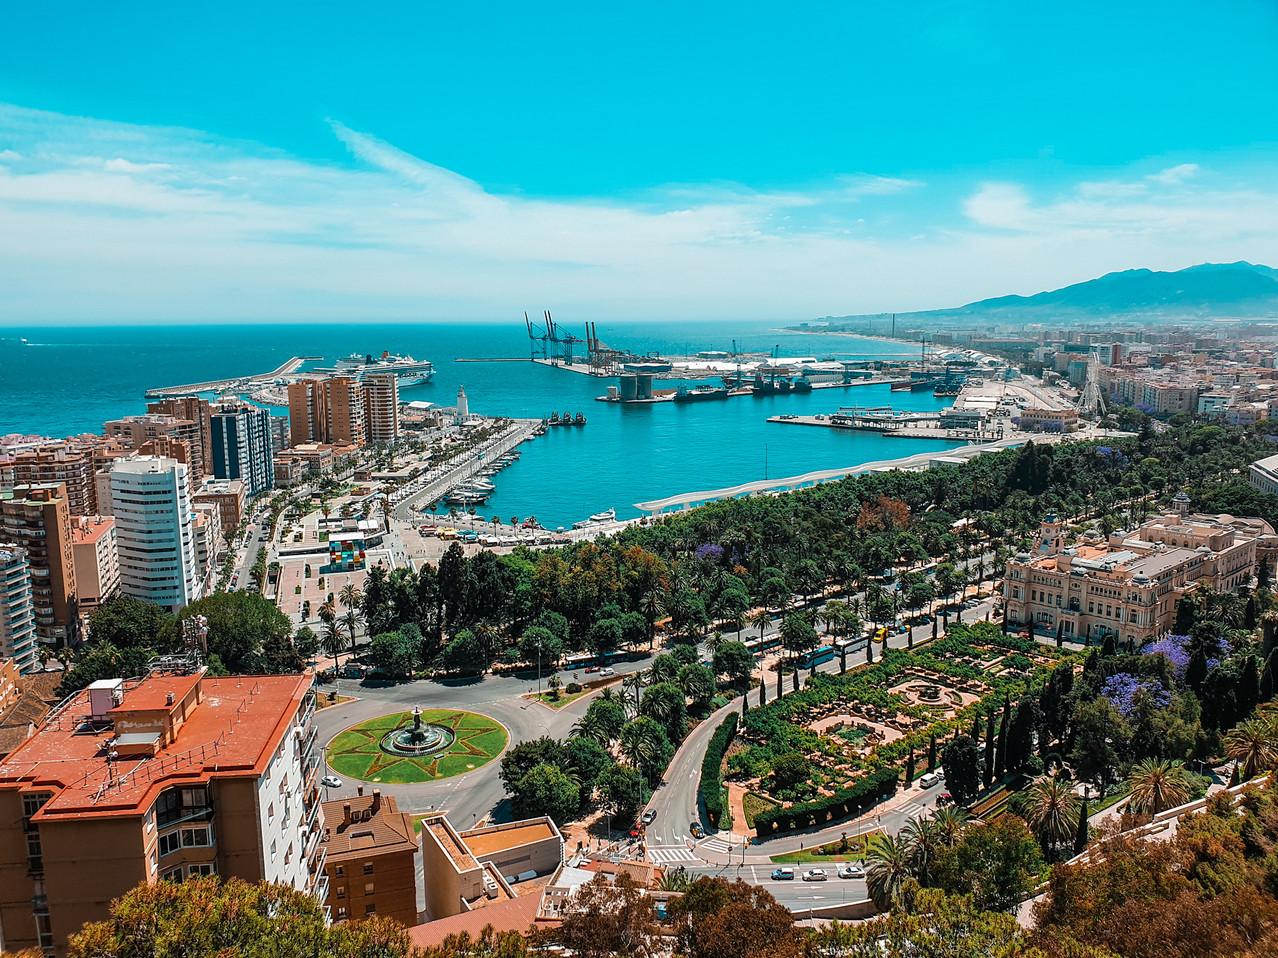 Gibralfaro Malaga View Olivia Libi